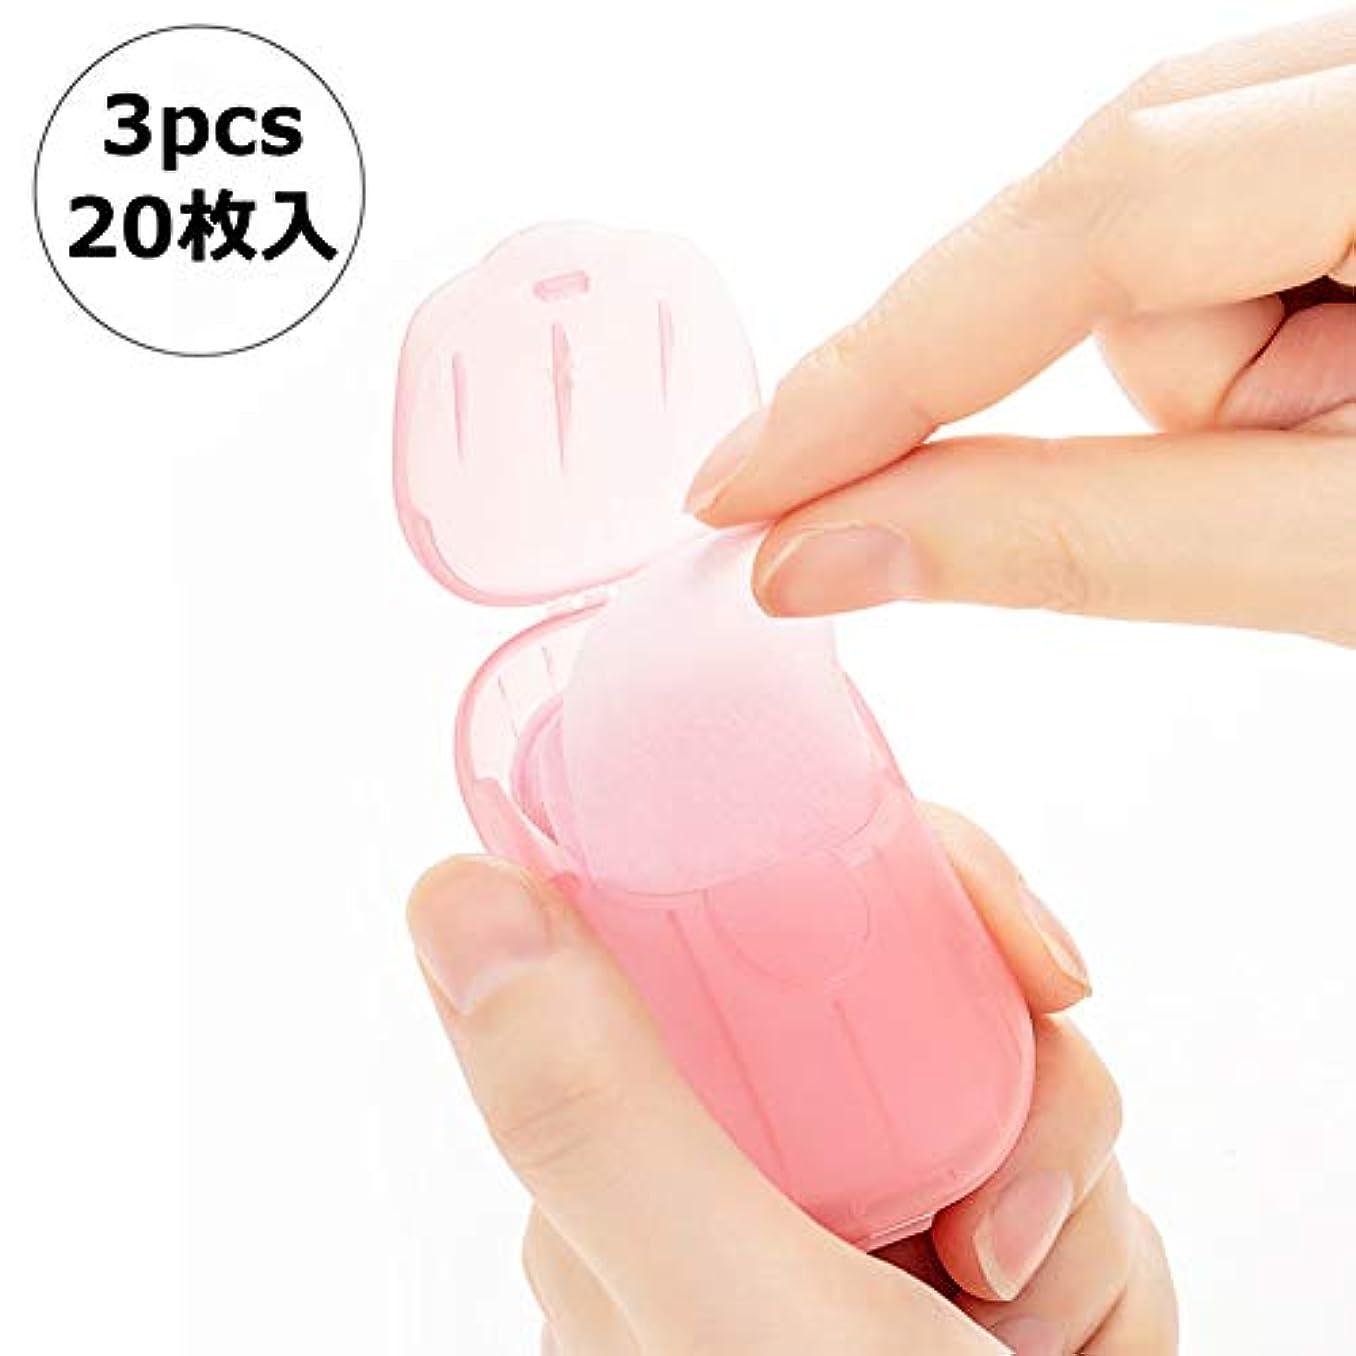 民間長くするクリーナーNITIUMI ペーパーソープ 除菌 香り 石鹸 手洗い/お風呂 旅行携帯用 紙せっけん 20枚入 ケース付き カラーランダム (3個セット)